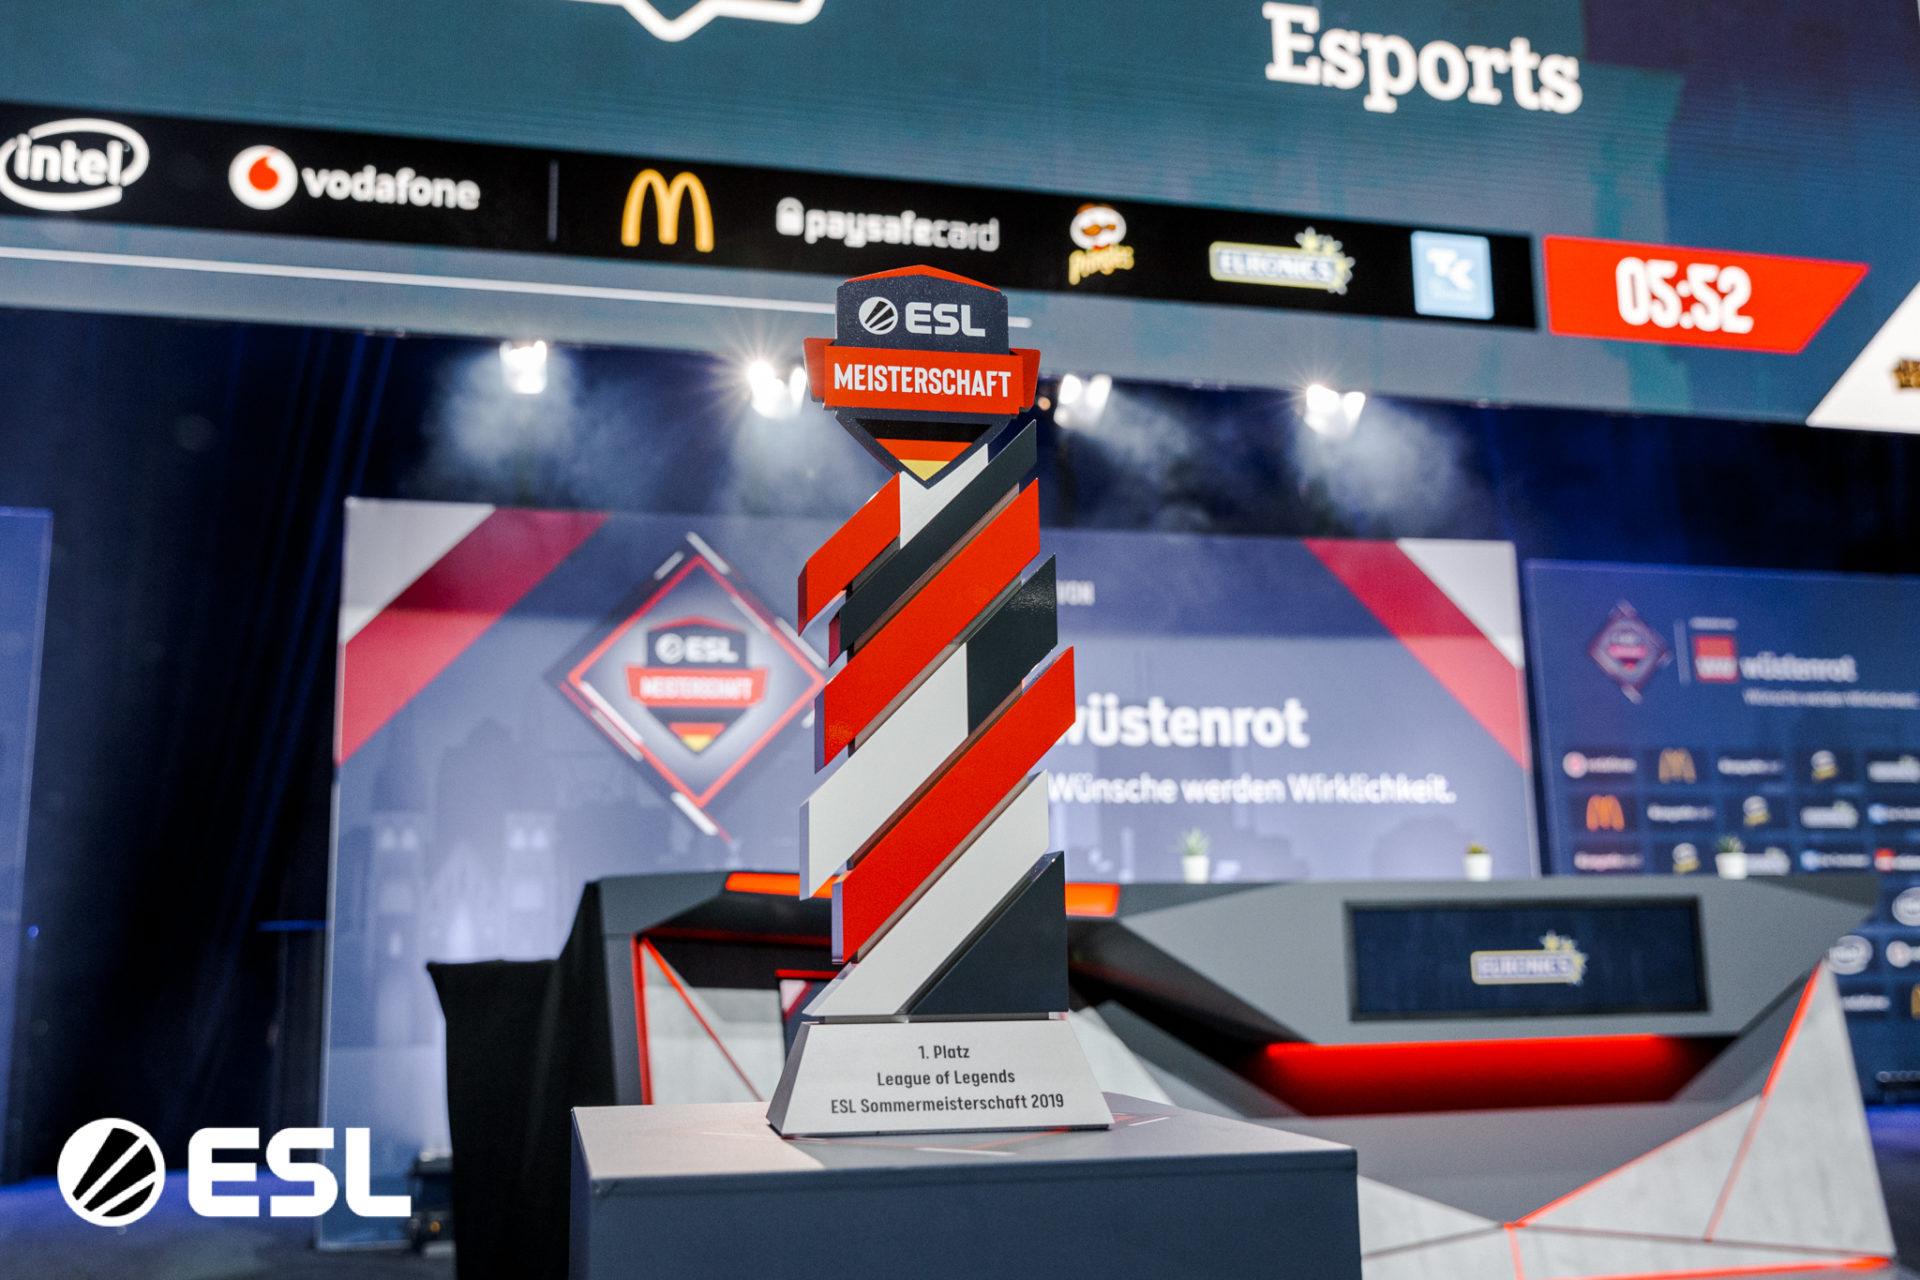 Das Ende einer Ära: Die letzte League of Legends Saison der ESL Meisterschaft beginnt